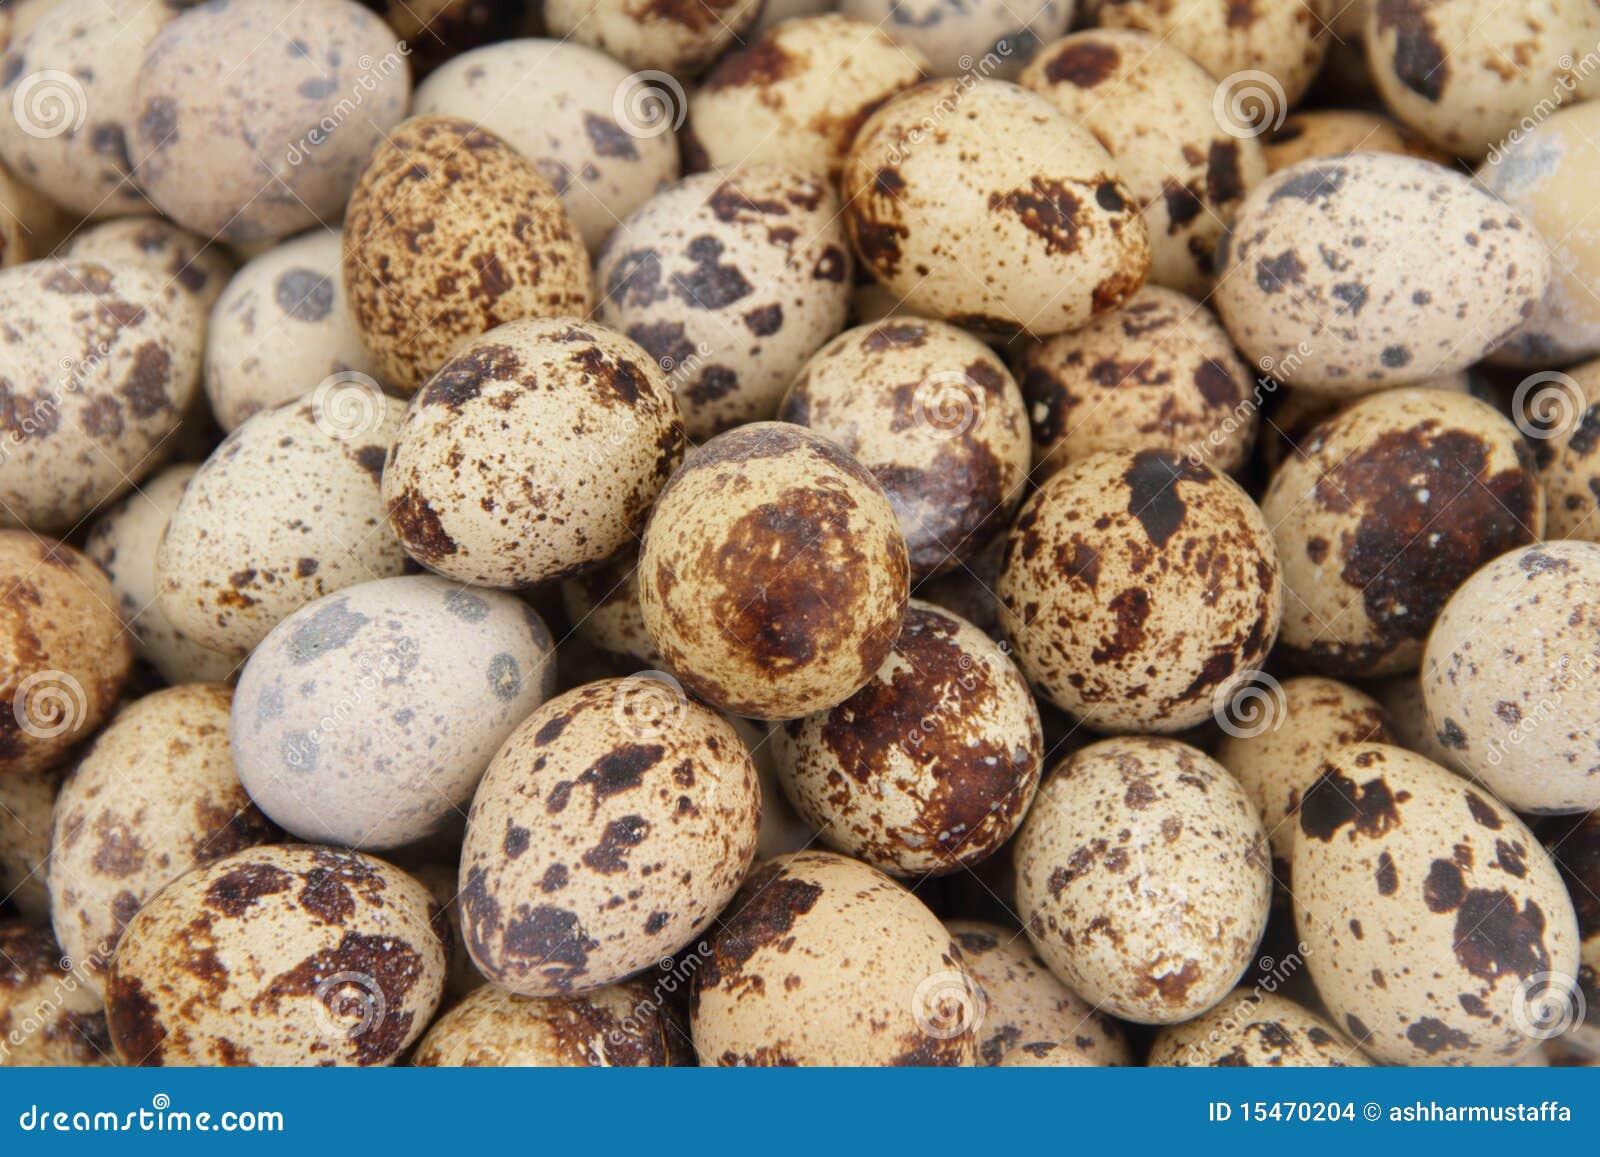 Huevos de codornices imagenes de archivo imagen 15470204 for Cocinar huevos 7 days to die